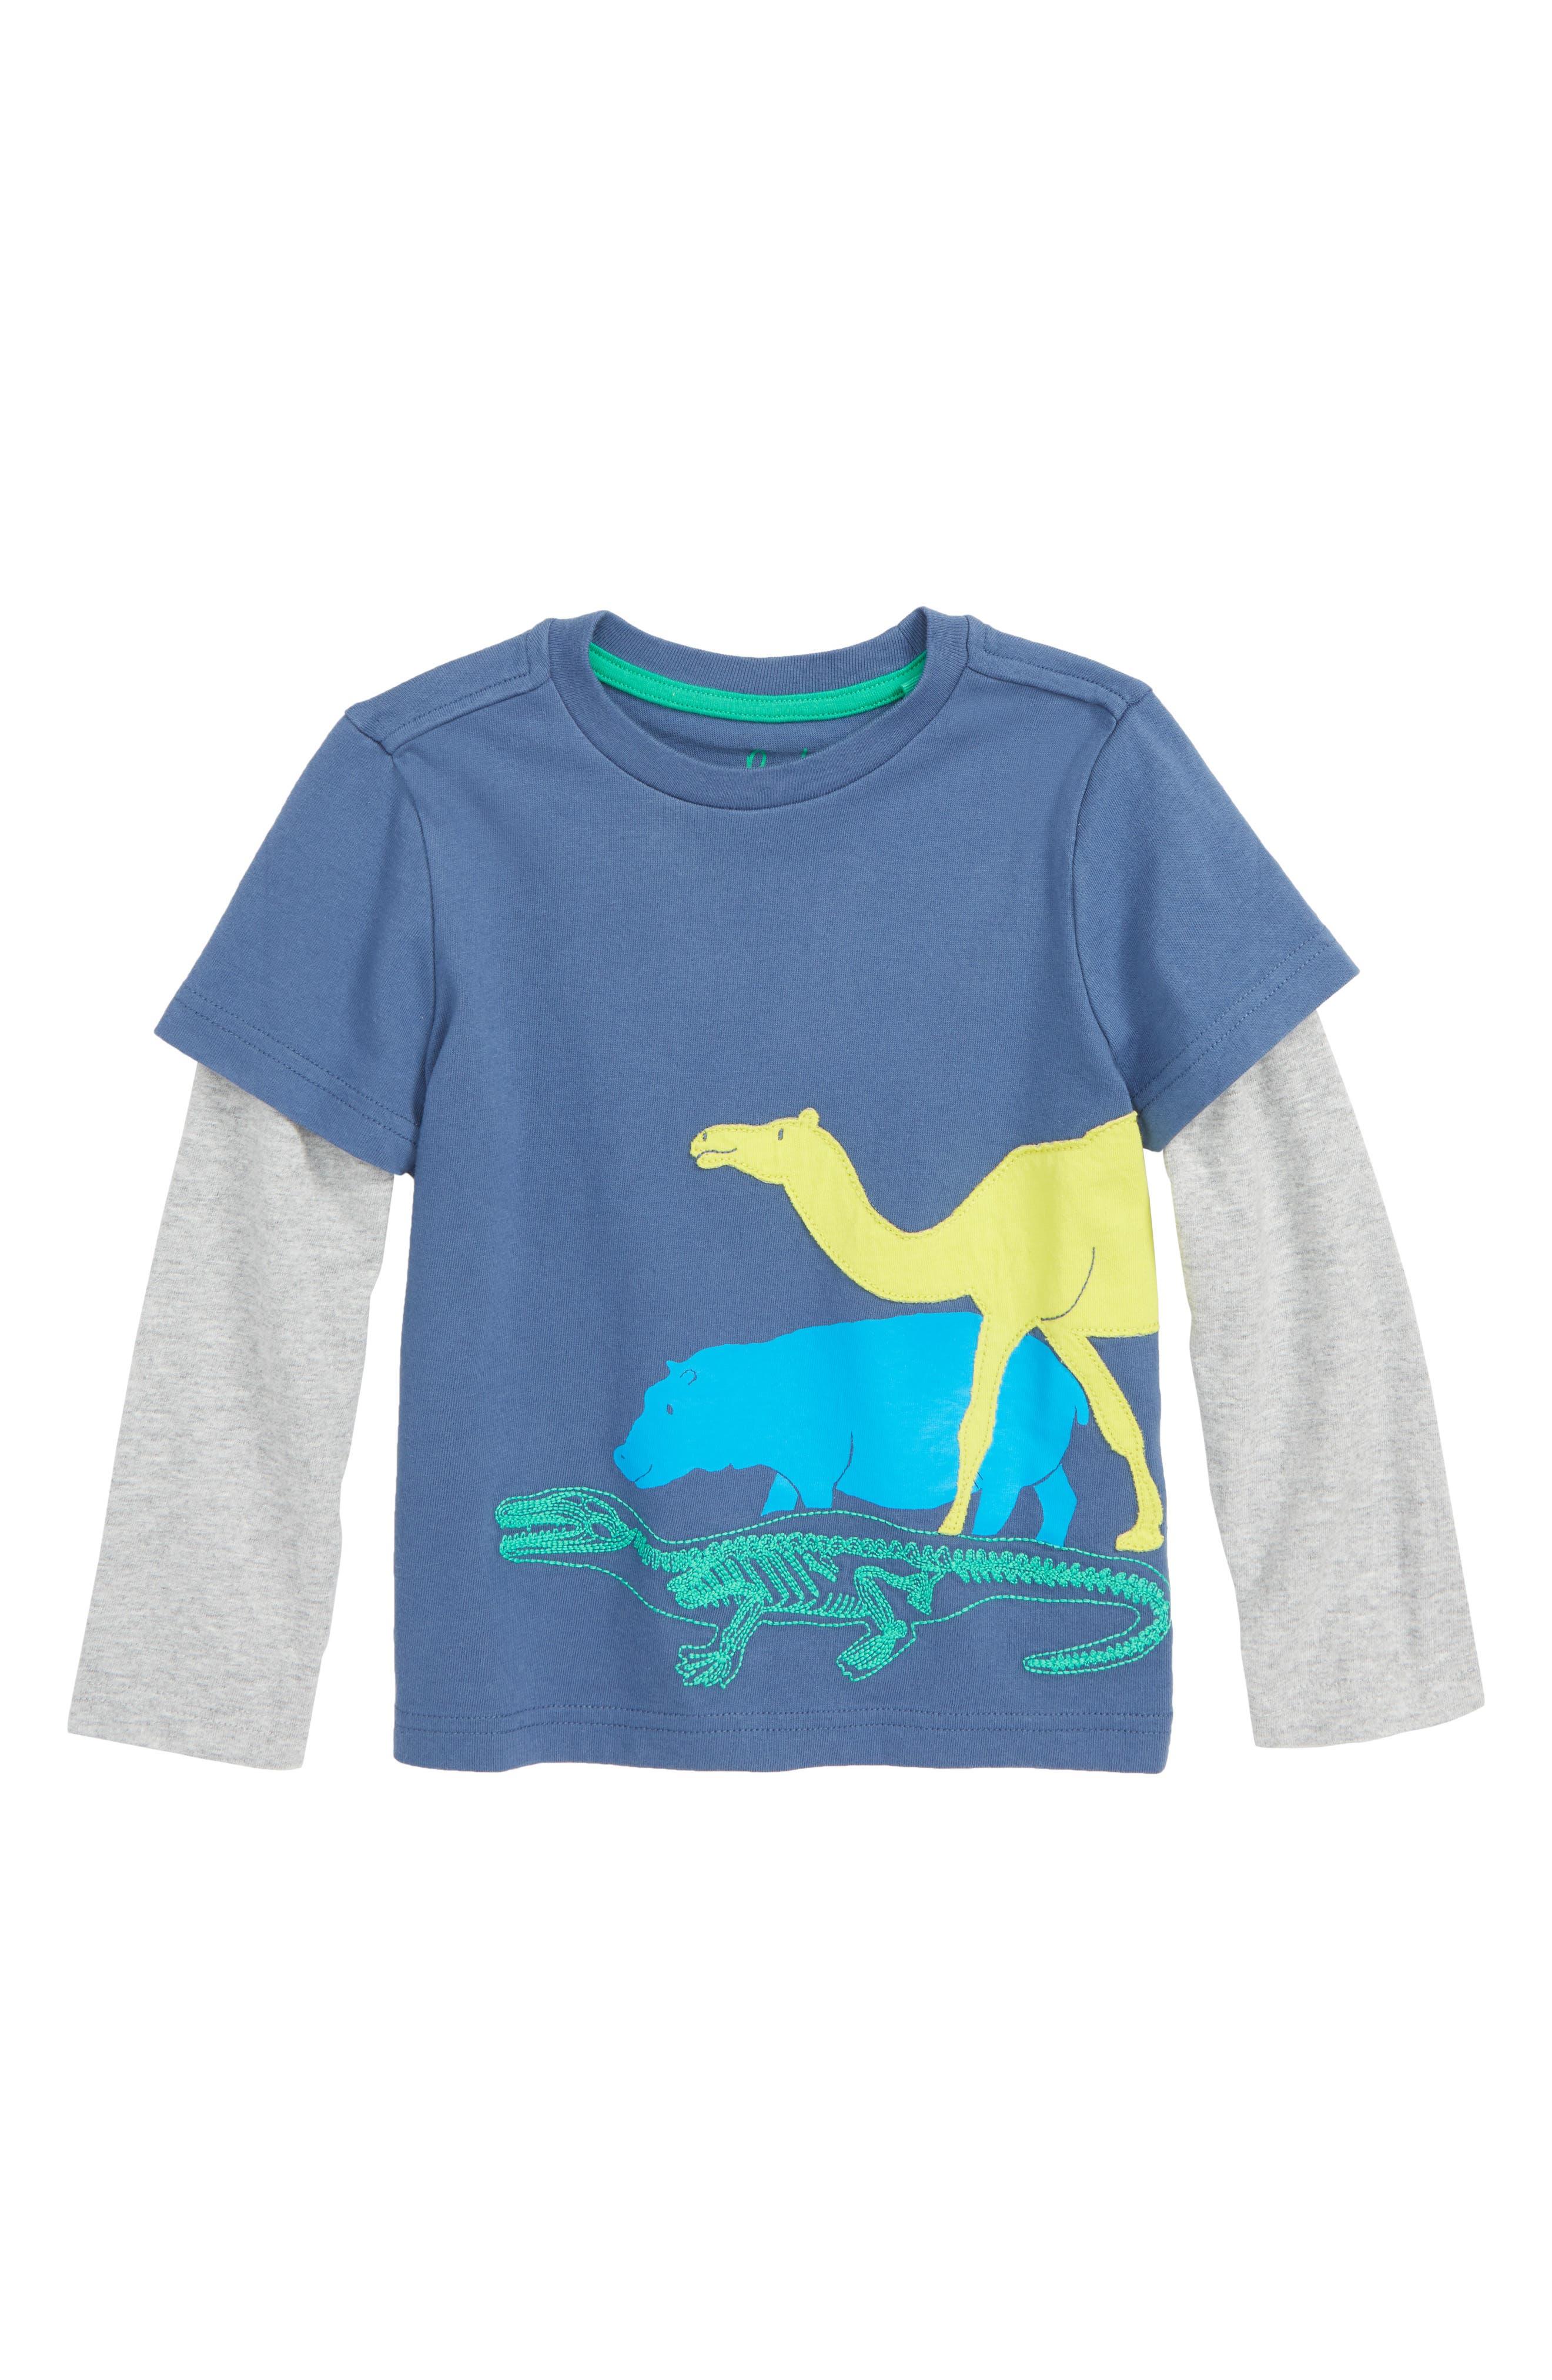 Textured Mammals Layered T-Shirt,                             Main thumbnail 1, color,                             LAGOON BLUE